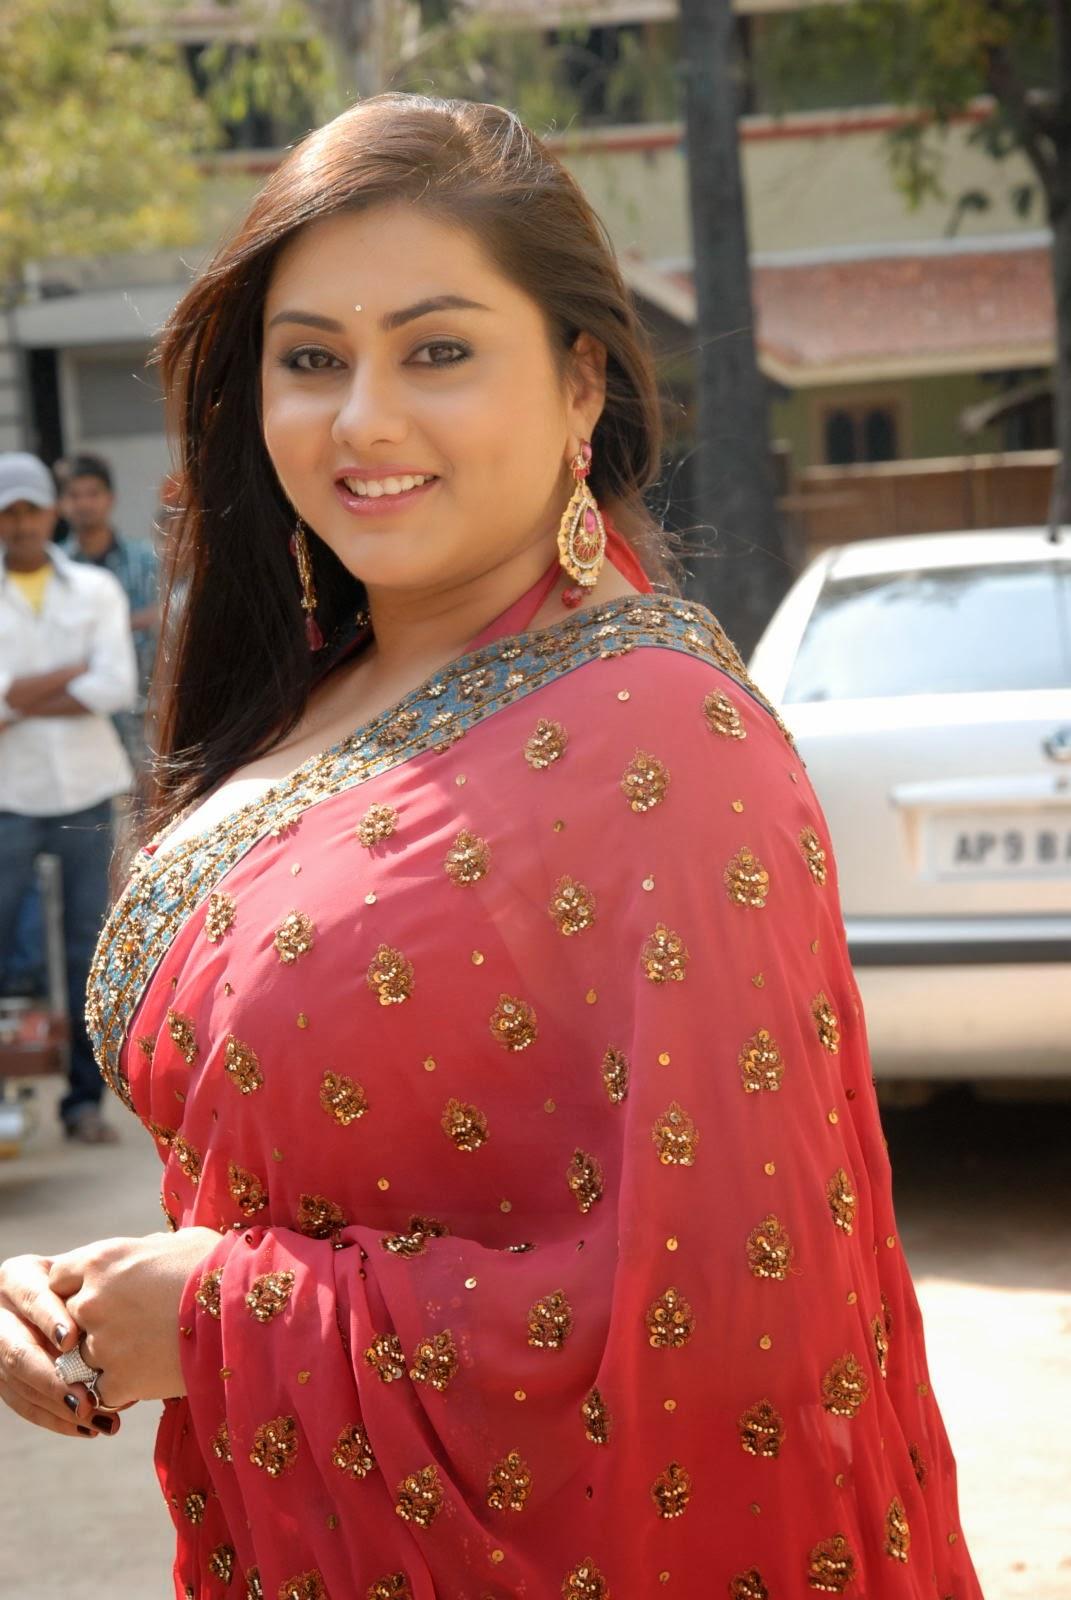 Namitha nudephotos Nude Photos 42